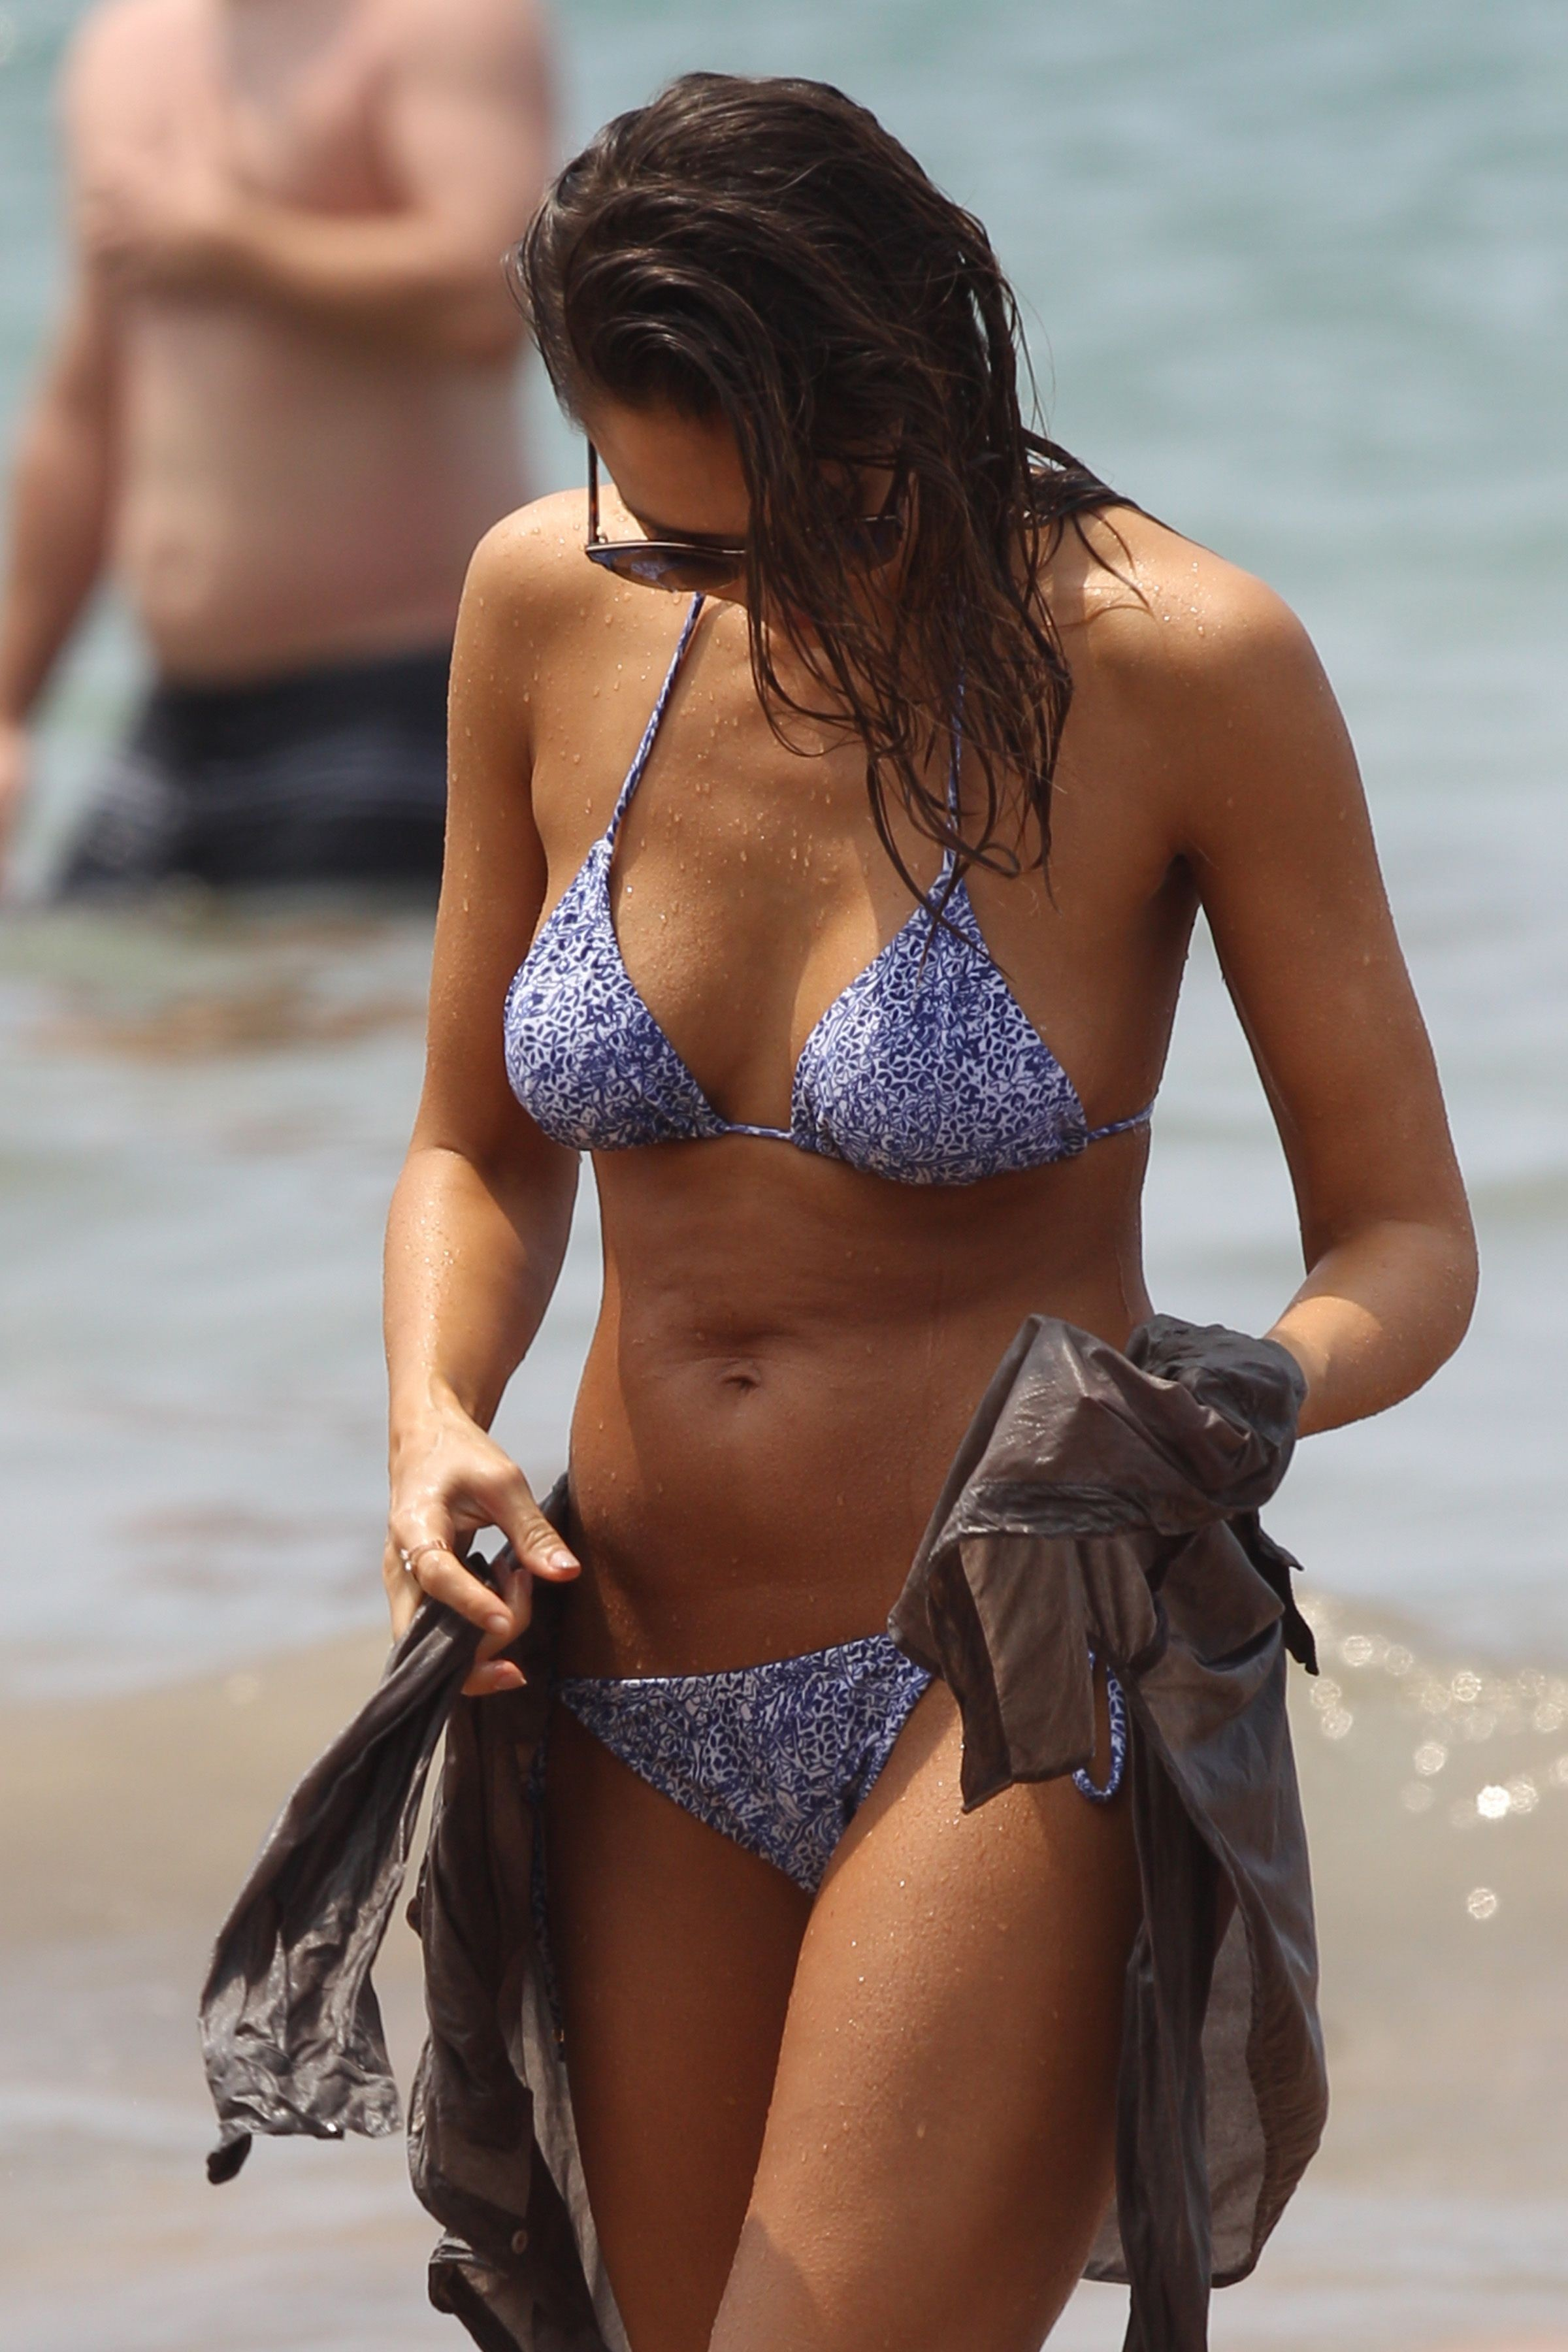 Jesica alba bikini video, big tit grils